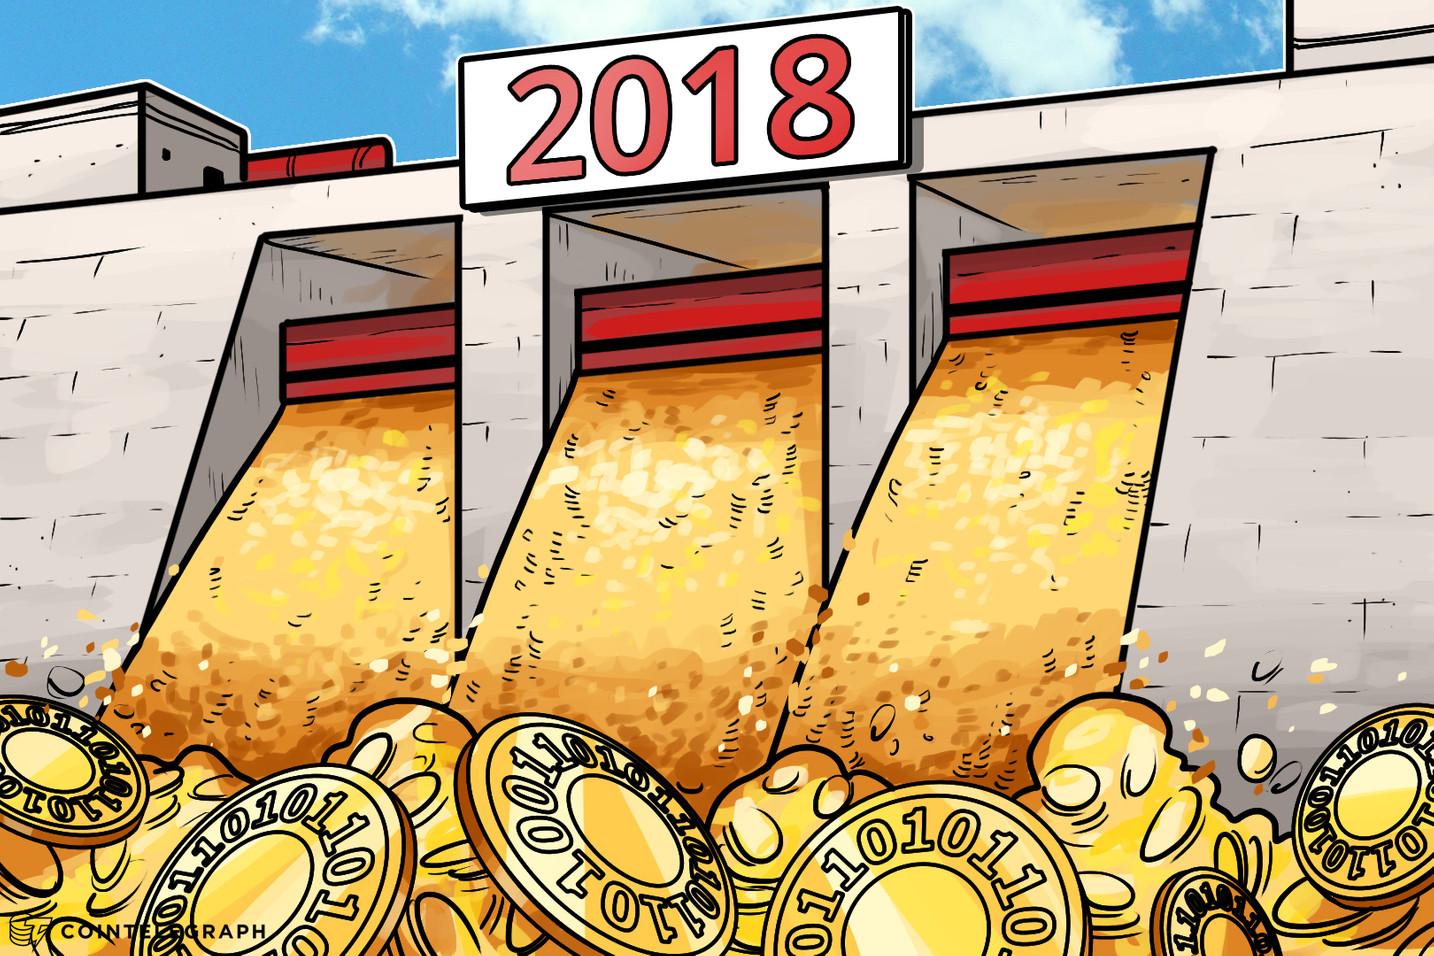 Secondo il CEO di Abra, nel 2018 i grossi investitori 'scateneranno l'inferno' nel mercato delle criptovalute.